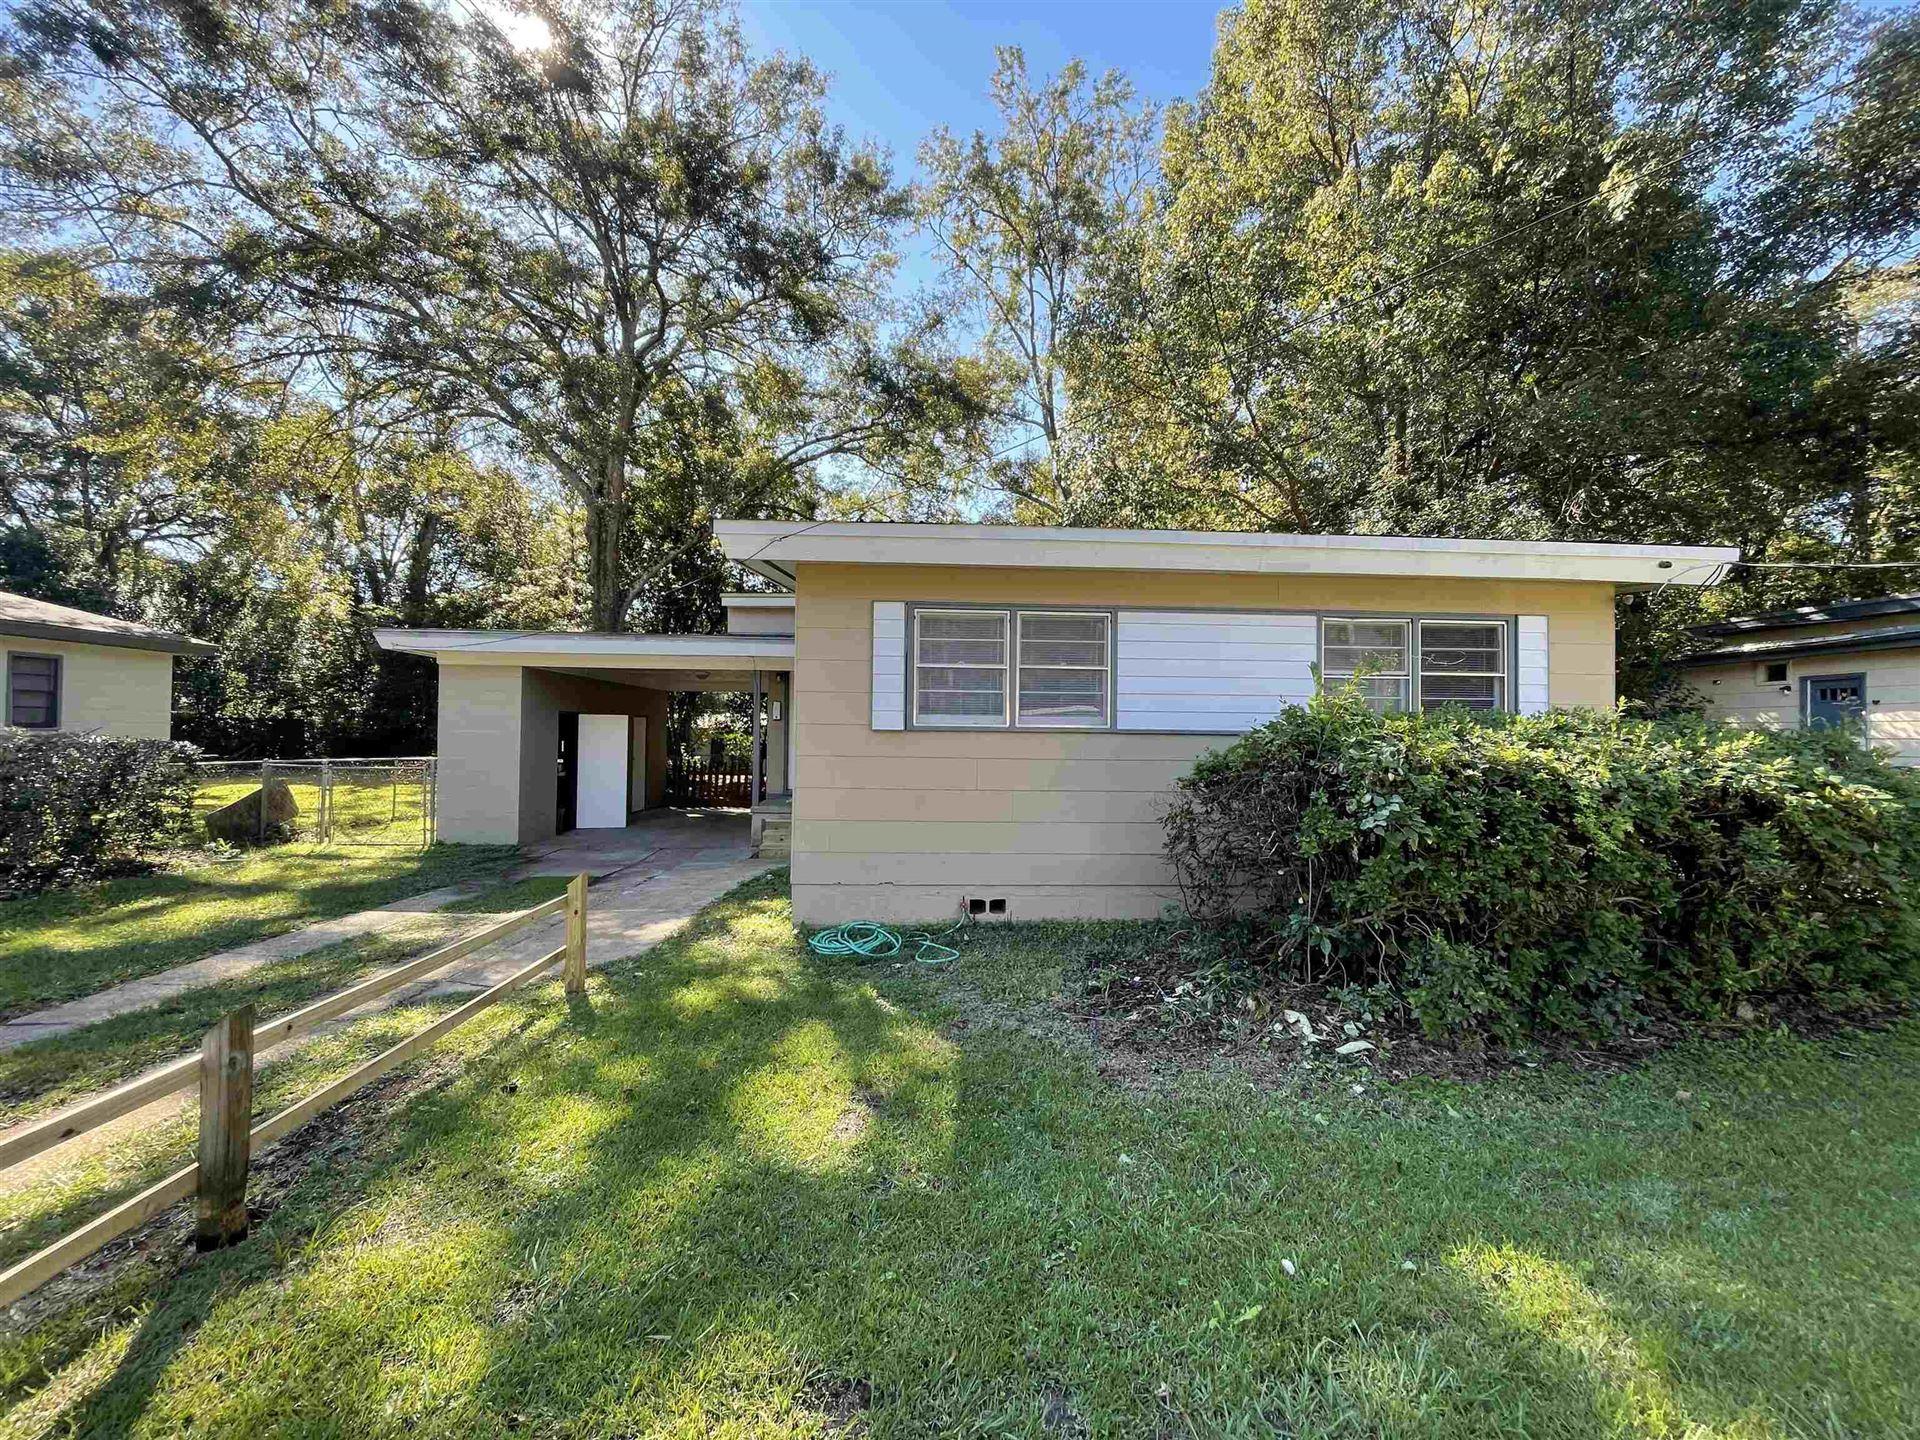 1633 ATKAMIRE Drive, Tallahassee, FL 32304 - MLS#: 338827